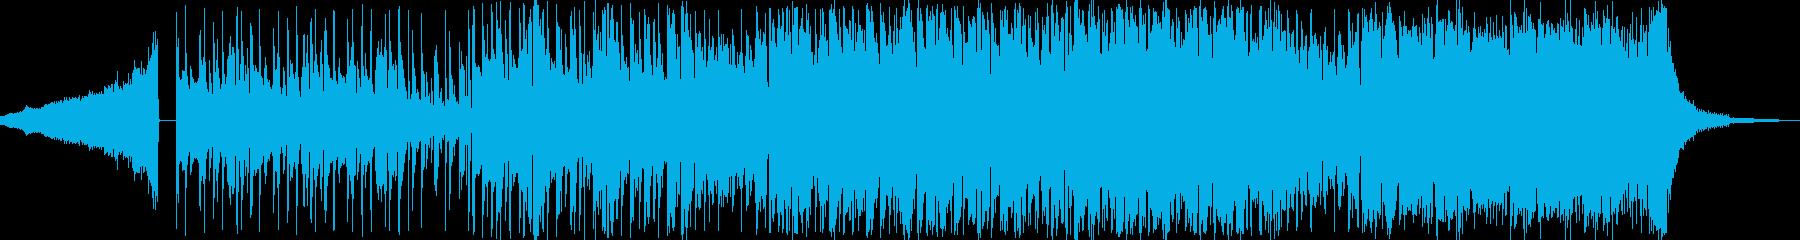 法人 技術的な 説明的 ハイテク ...の再生済みの波形